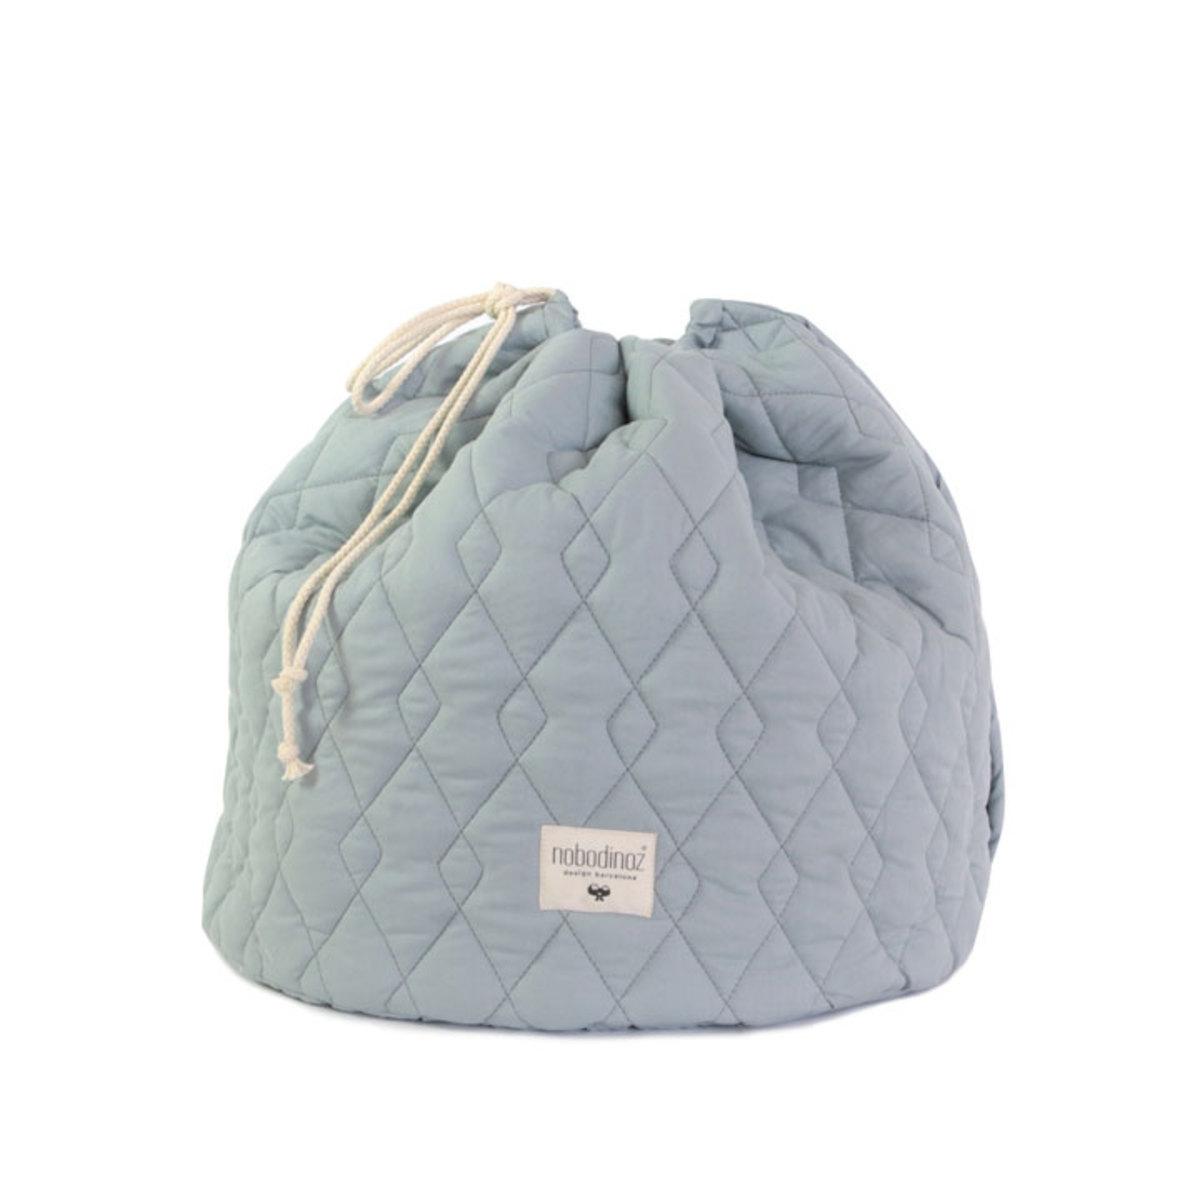 nobodinoz sac jouets las vegas l bleu riviera rangement jouet nobodinoz sur l 39 armoire de b b. Black Bedroom Furniture Sets. Home Design Ideas